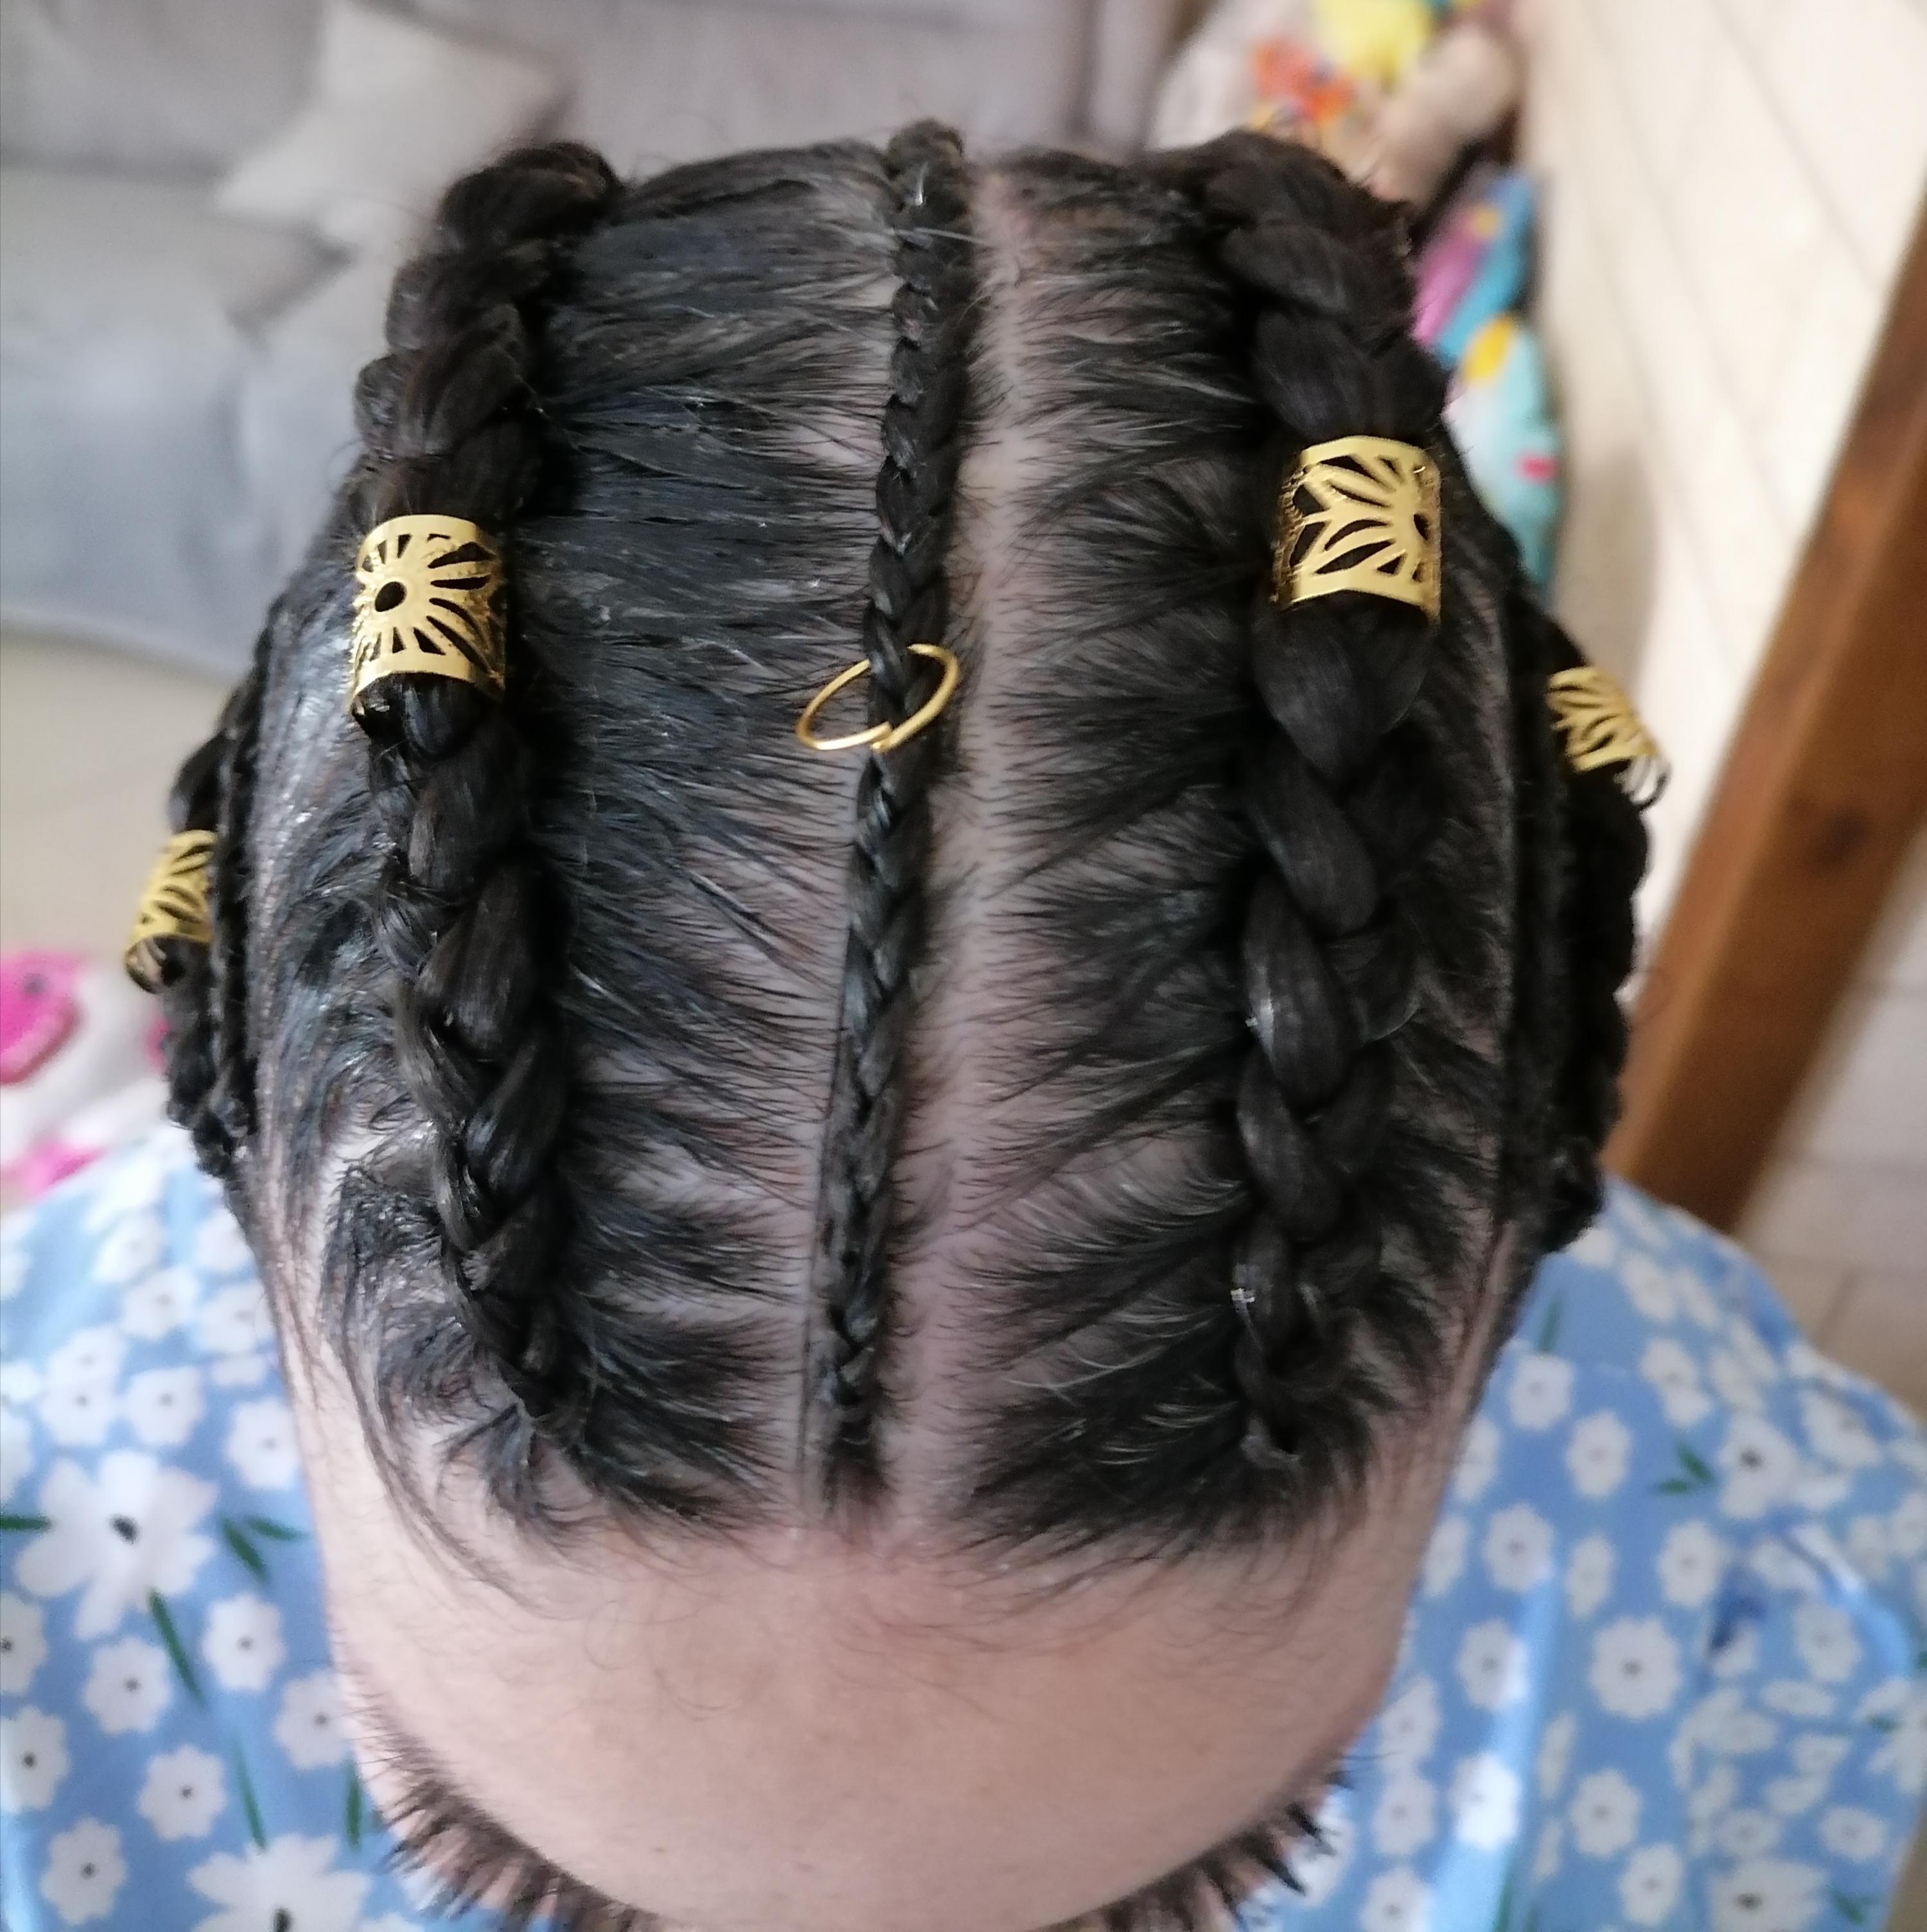 salon de coiffure afro tresse tresses box braids crochet braids vanilles tissages paris 75 77 78 91 92 93 94 95 YSQAGMIF